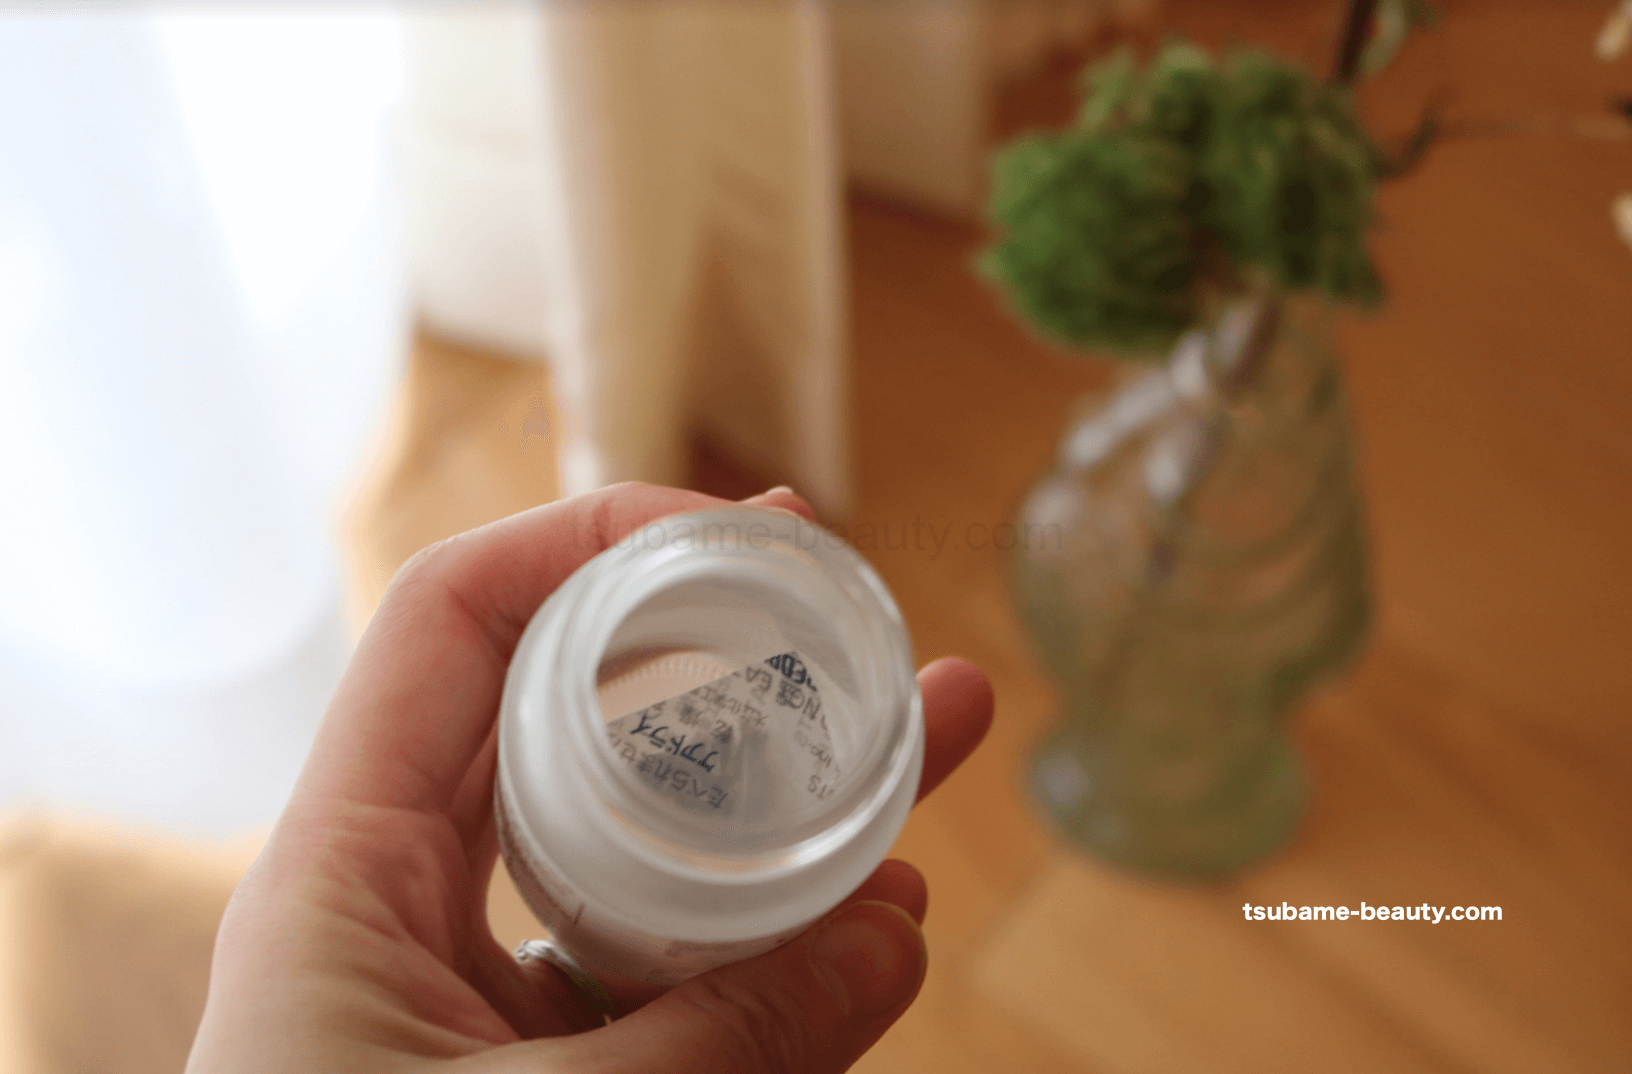 美巣サプリメントの空瓶